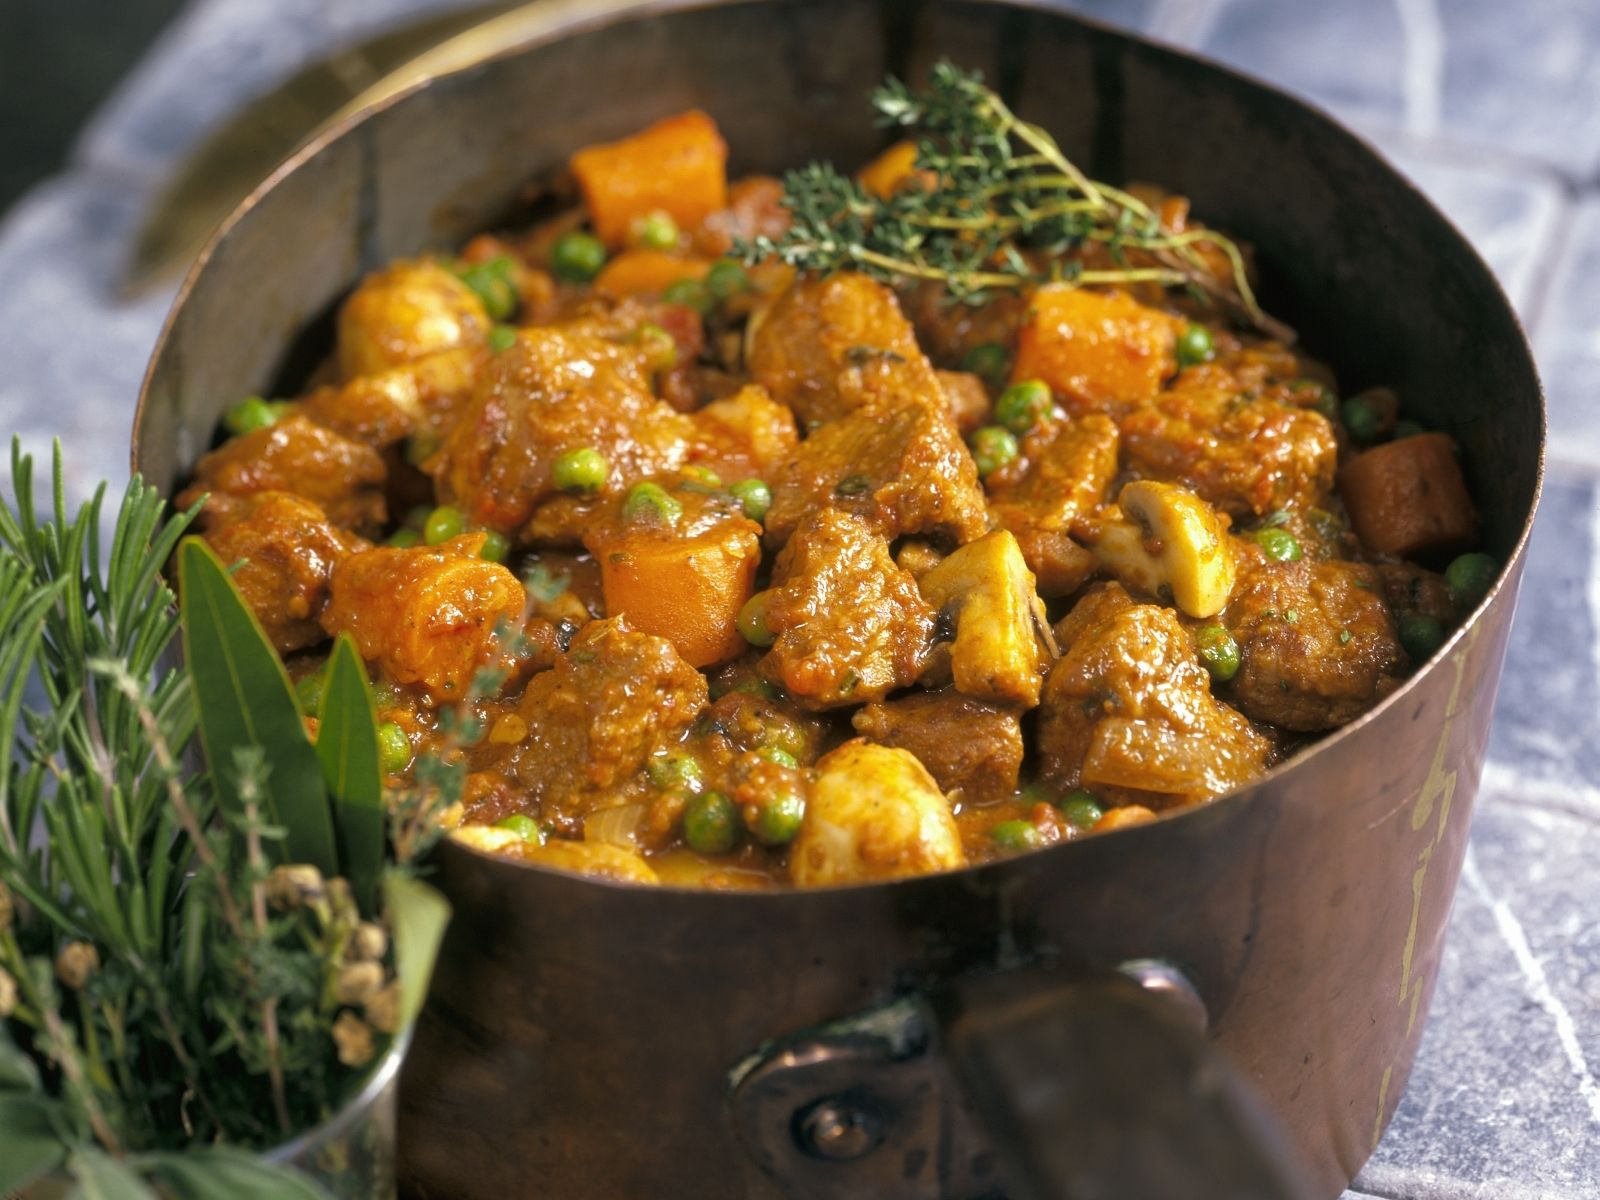 Leichte Küche Mit Fleisch: Geschnetzeltes